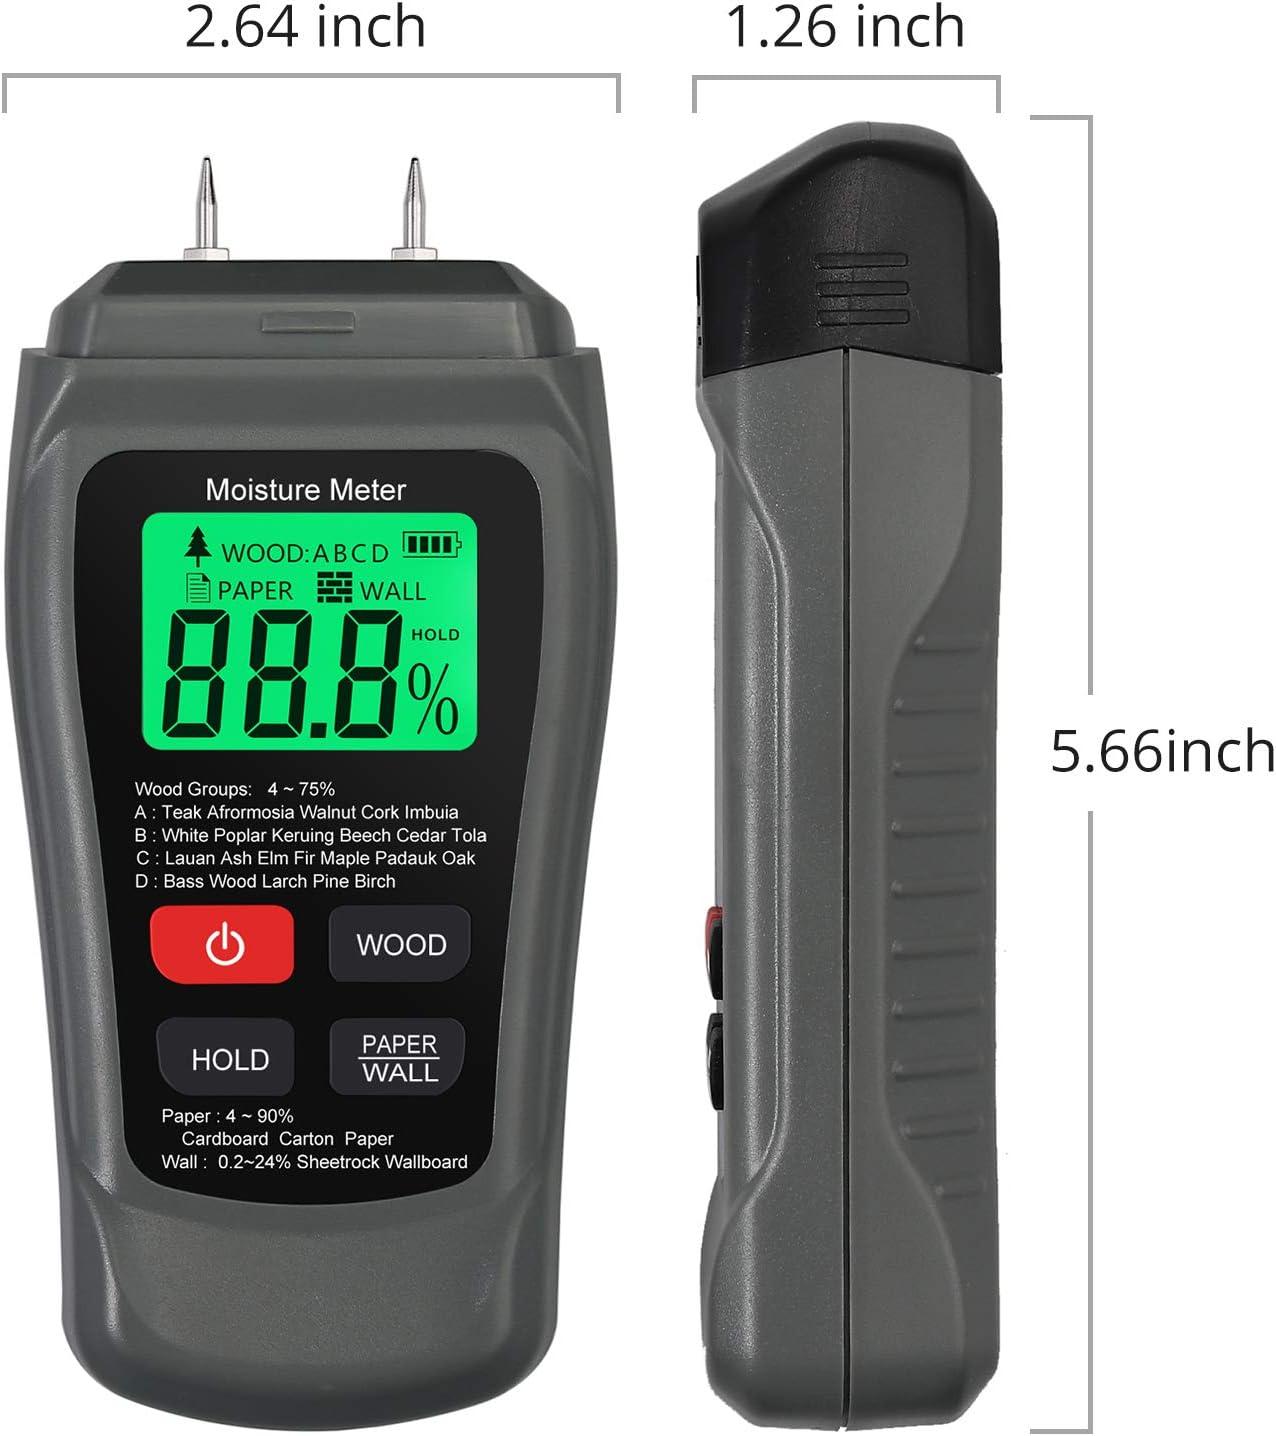 AAA avec 2 Broches de Sonde de Test Testeur dHumidit/é /à Main pour Appareil de Mesure dHumidit/é du Bois LCD pour les Industries du Bois//Papier//Mat/ériaux de Construction.Inclut une Batterie 2